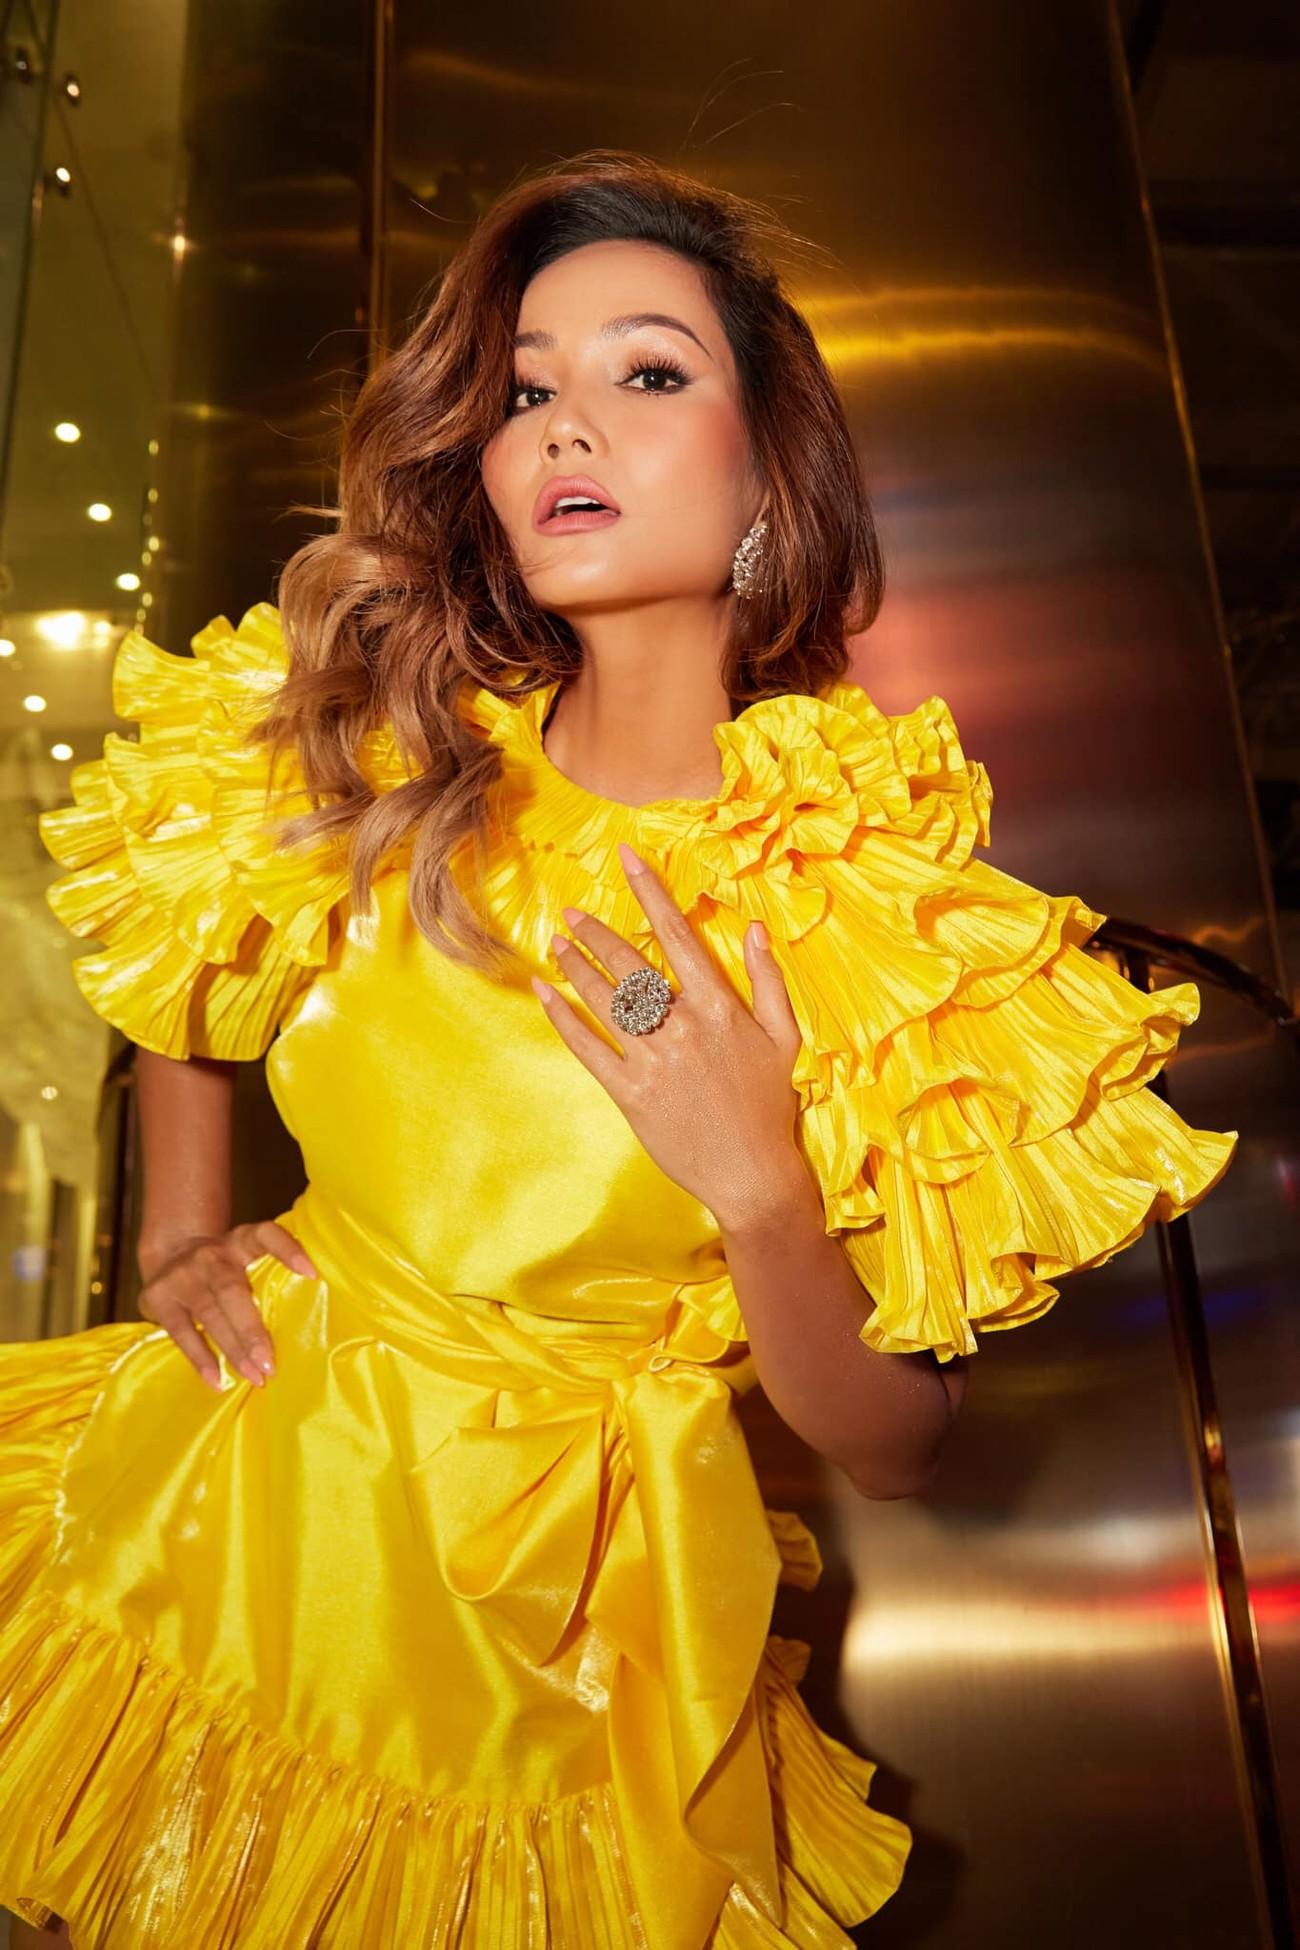 Diện lại sắc vàng từng 'gây bão' ở Miss Universe, H'Hen Niê đẹp rạng rỡ như một đóa hồng ảnh 2